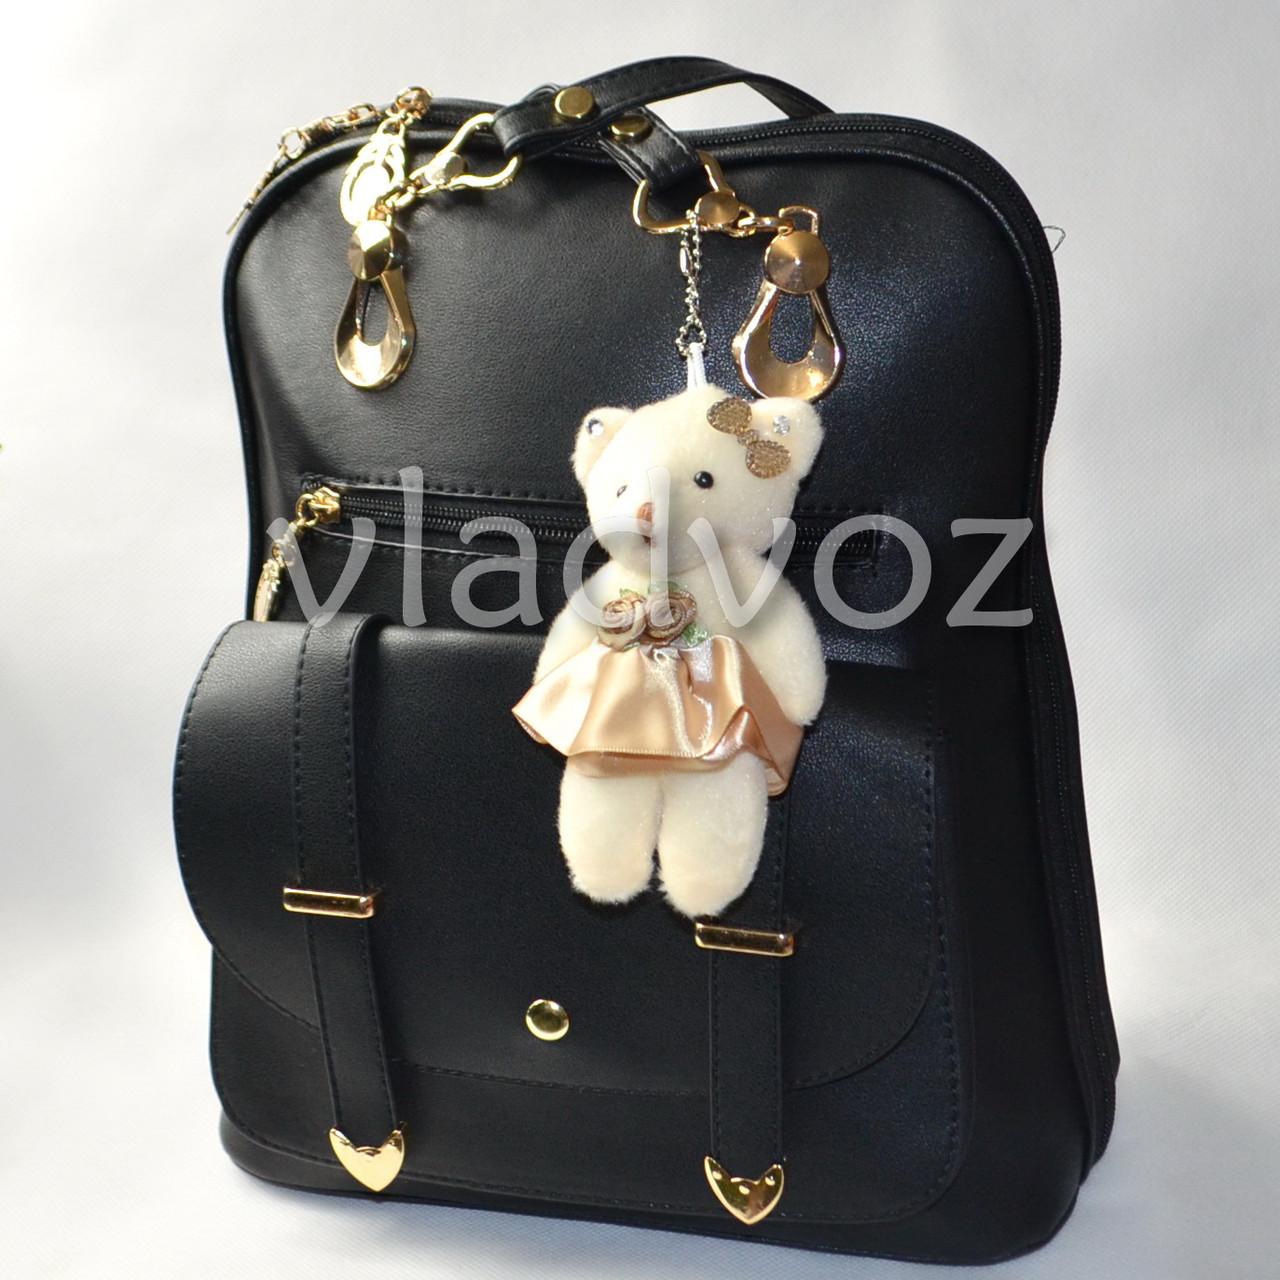 6c5c4d388083 Городской женский модный стильный рюкзак сумка чёрный с мишкой, цена ...